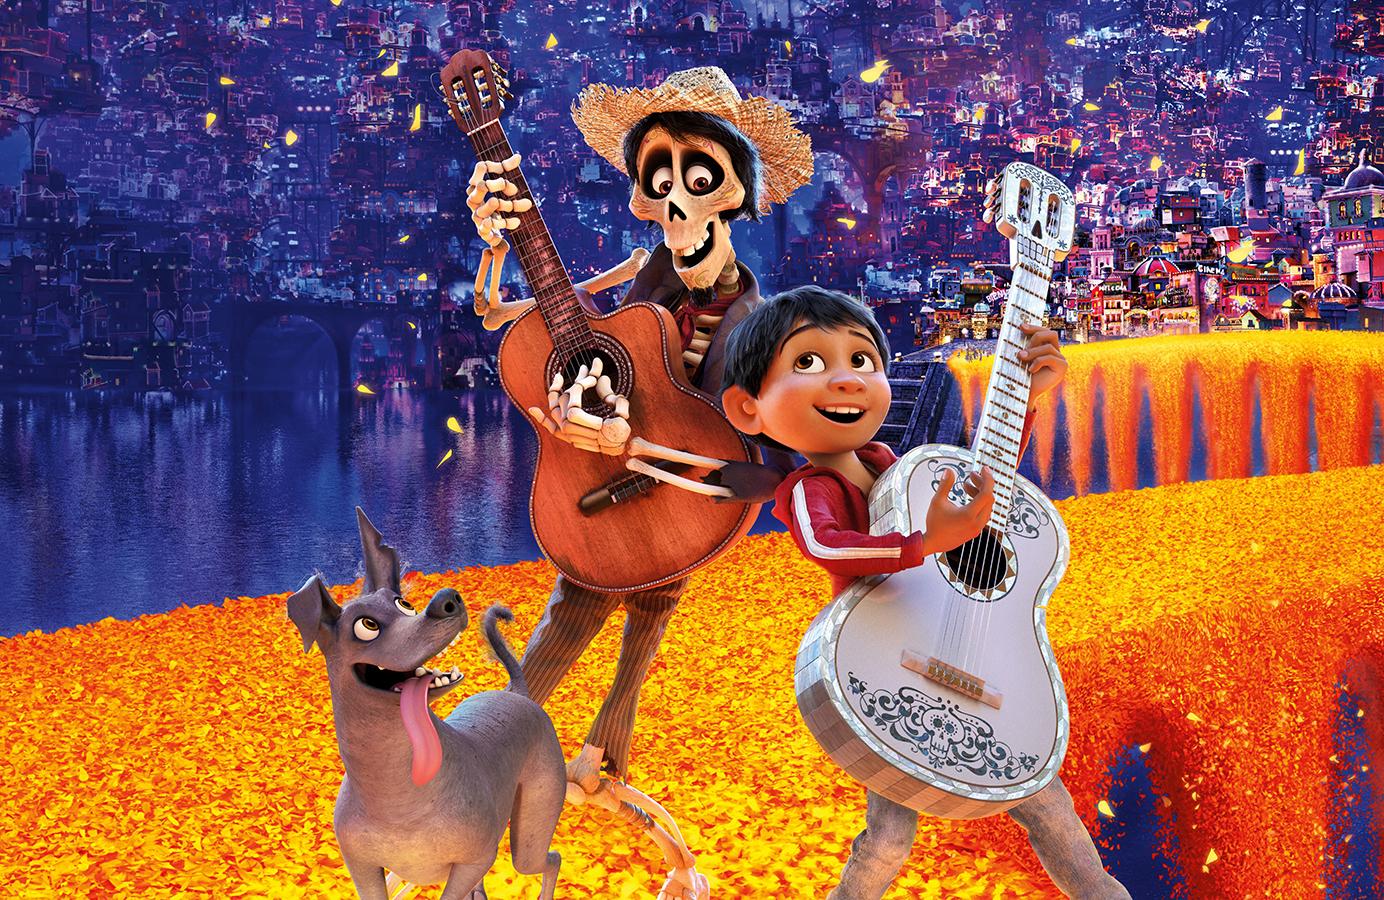 دیگر وقت آن است که Pixar، انیمیشنی موزیکال بسازد